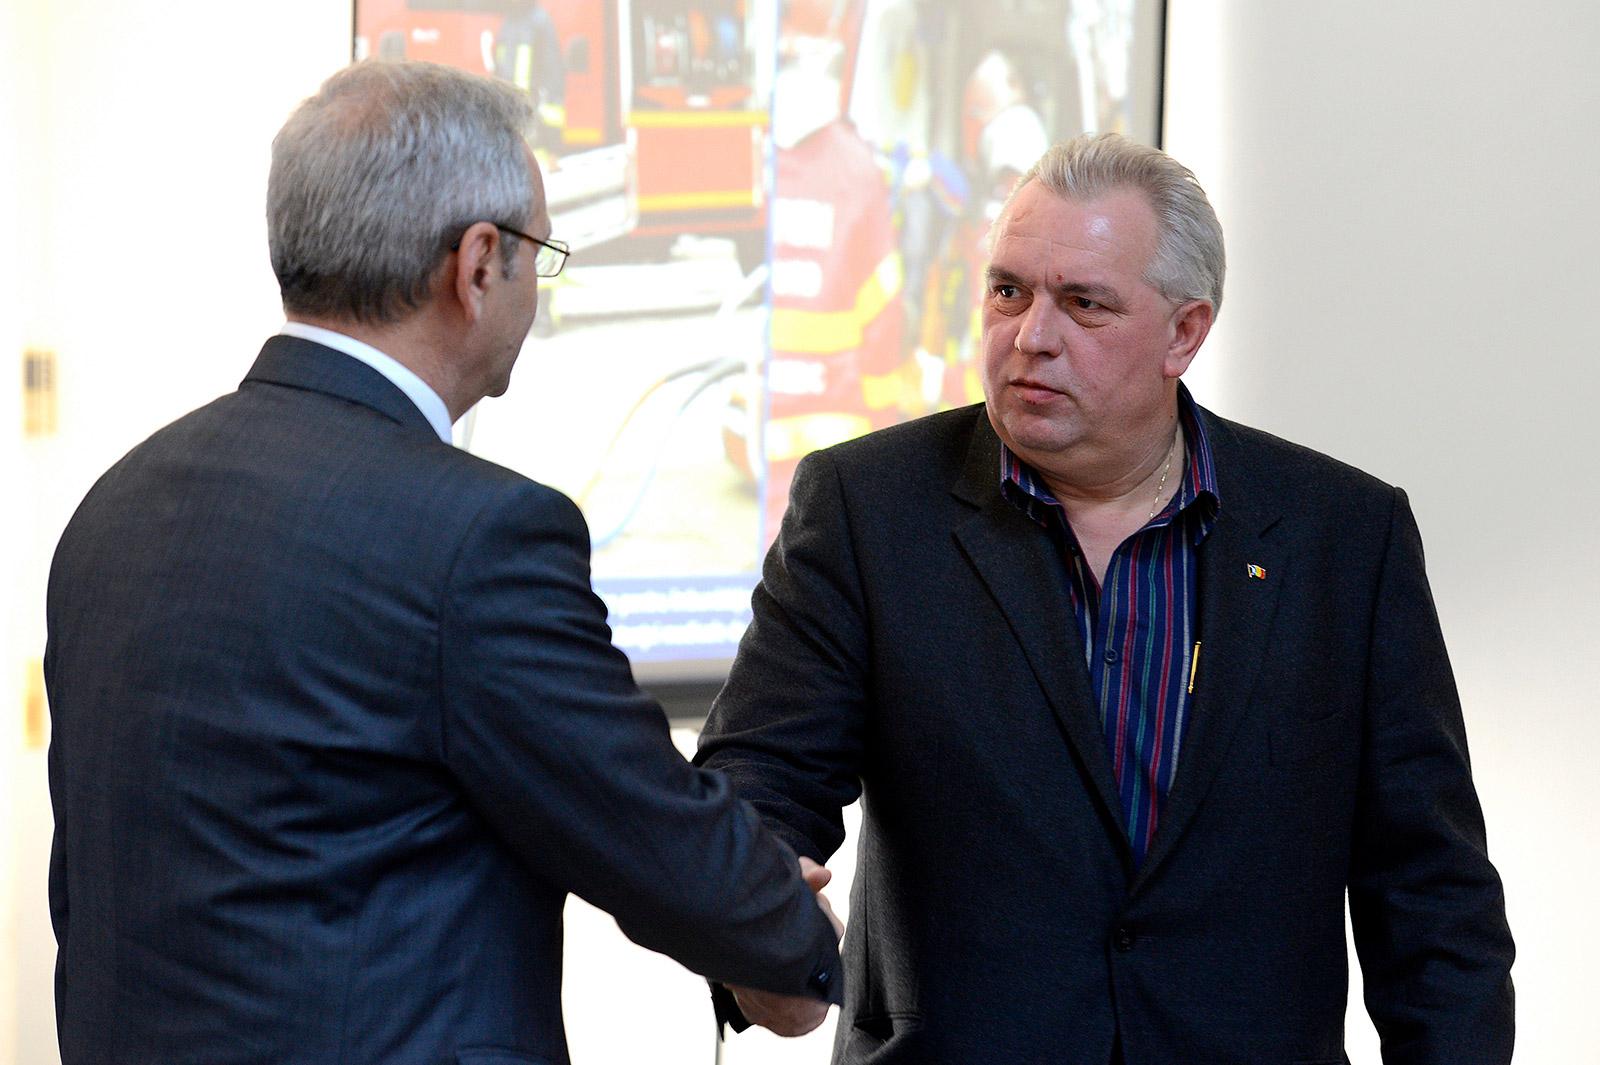 Liviu Dragnea (stânga) și Nicușor Constantinescu / Foto: Mediafax Foto, Răzvan Chiriță